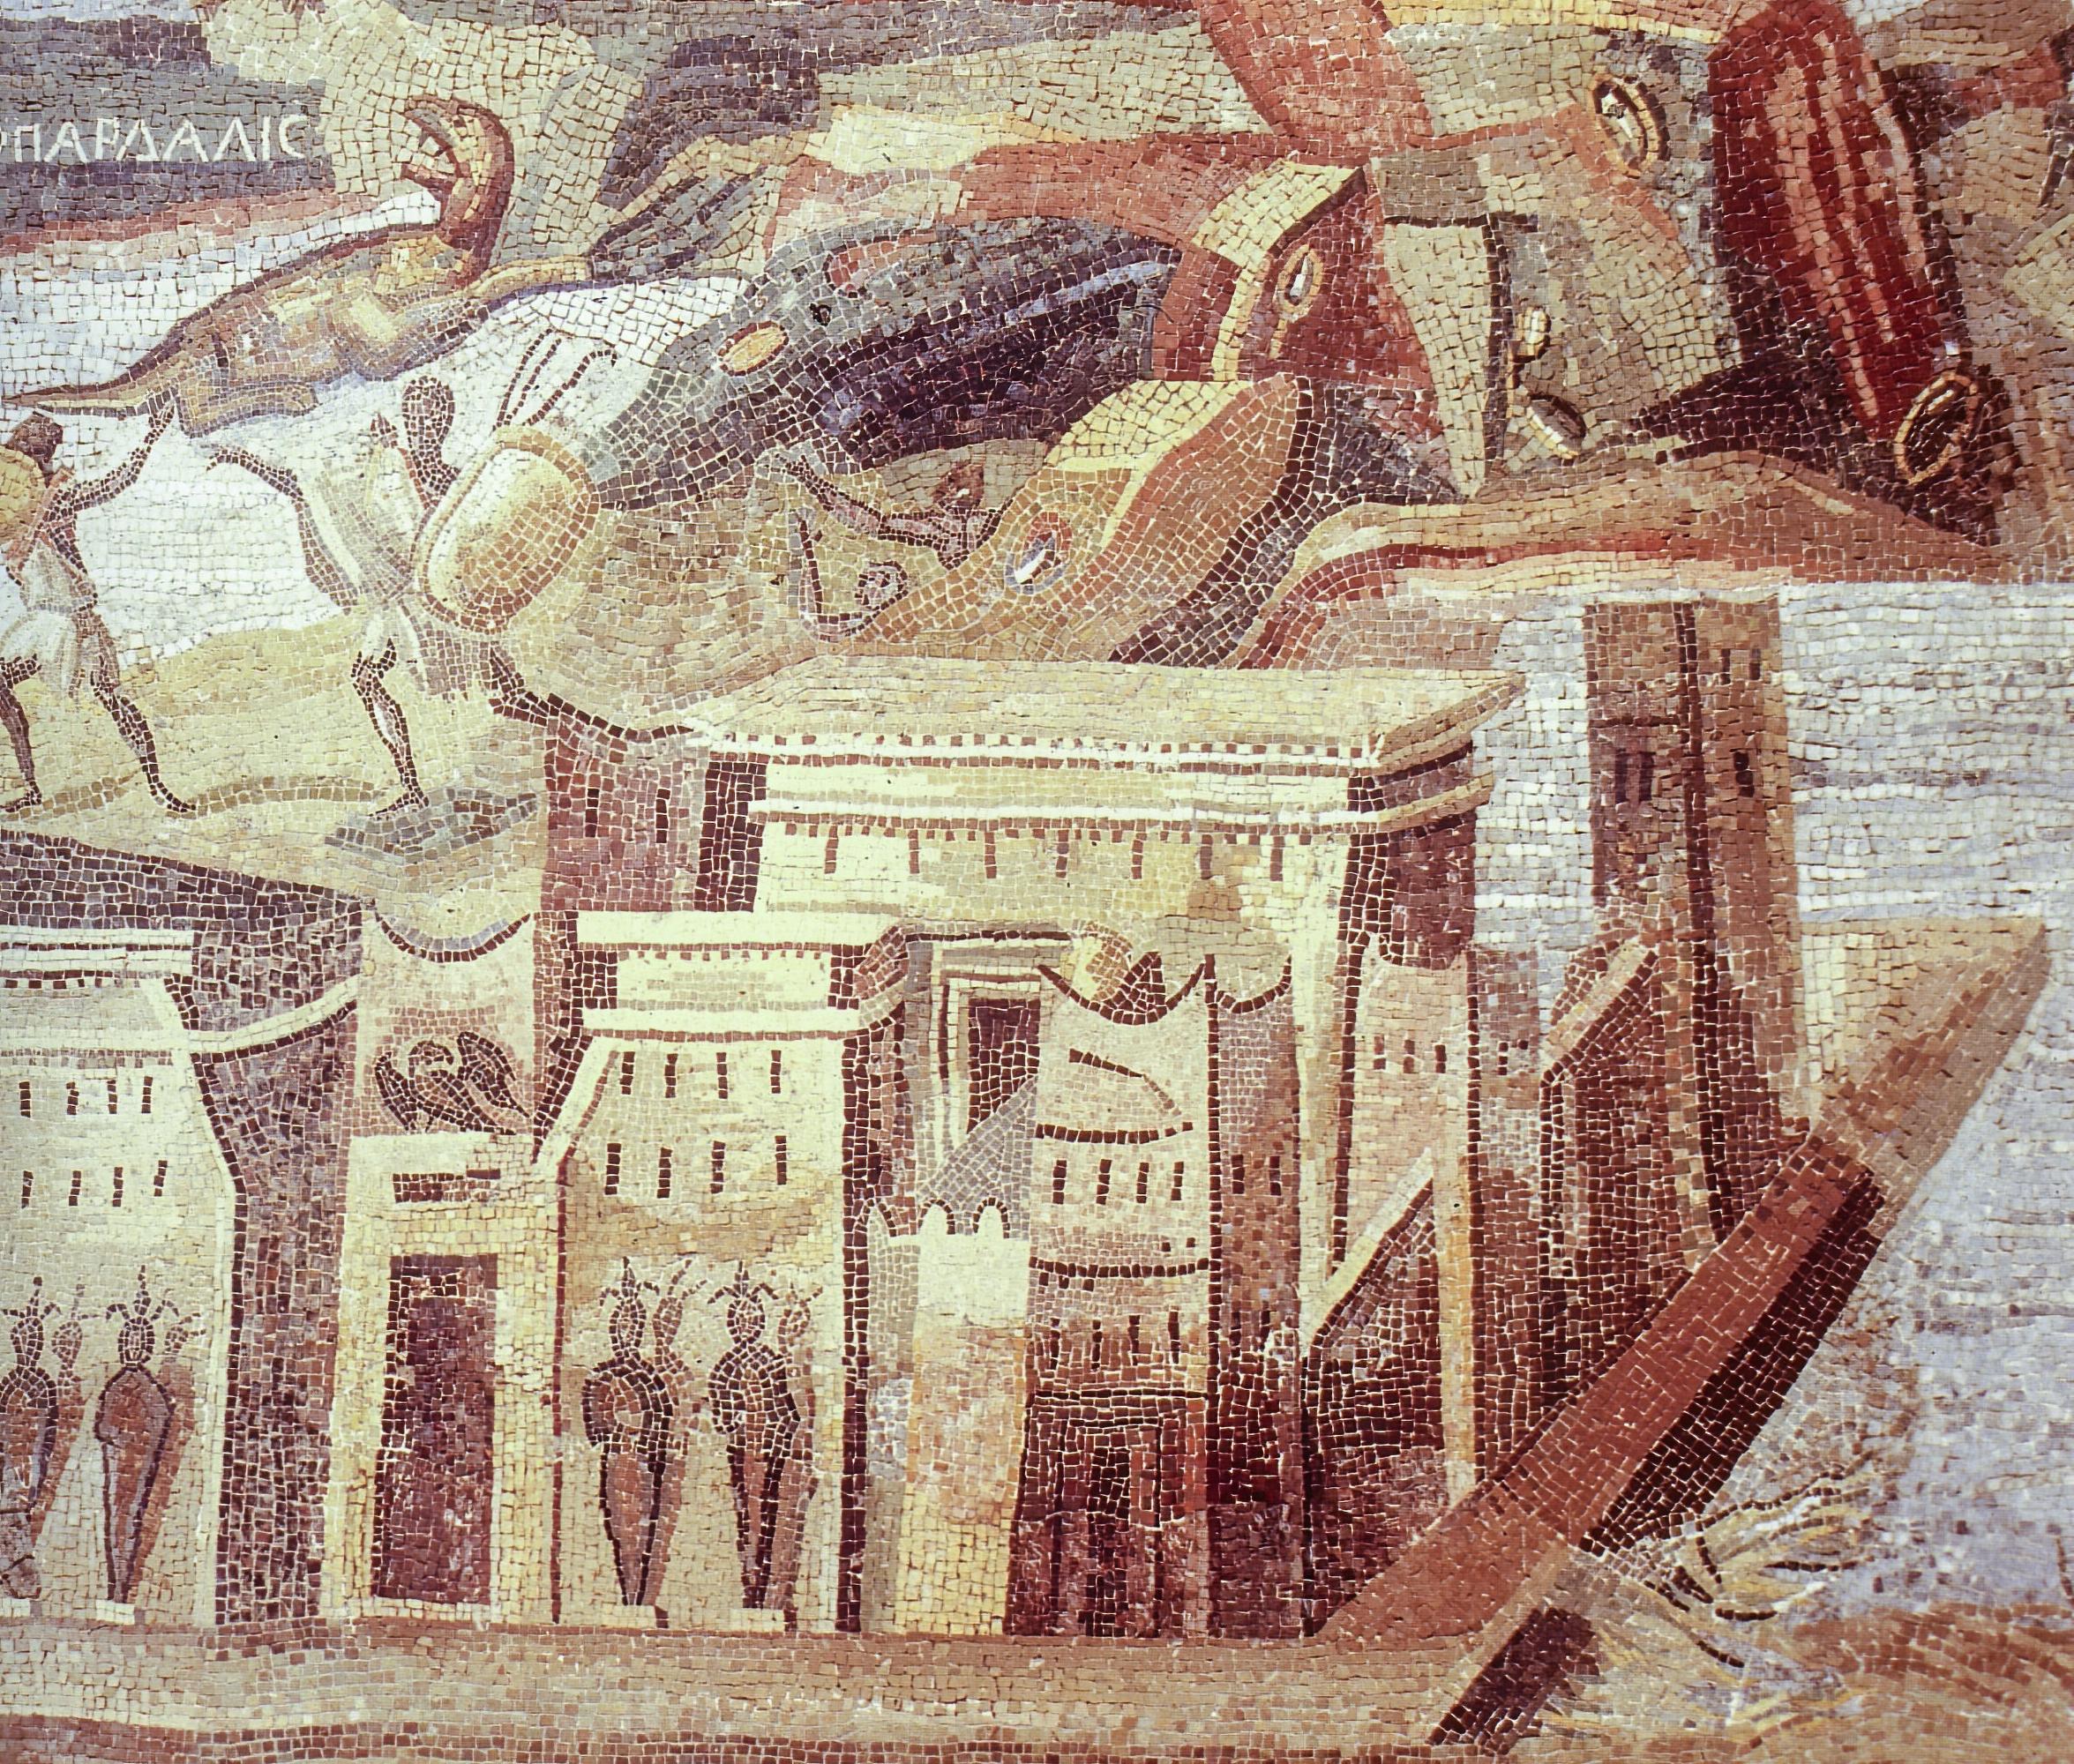 Praeneste_-_Nile_Mosaic_-_Section_11_-_Detail.jpg